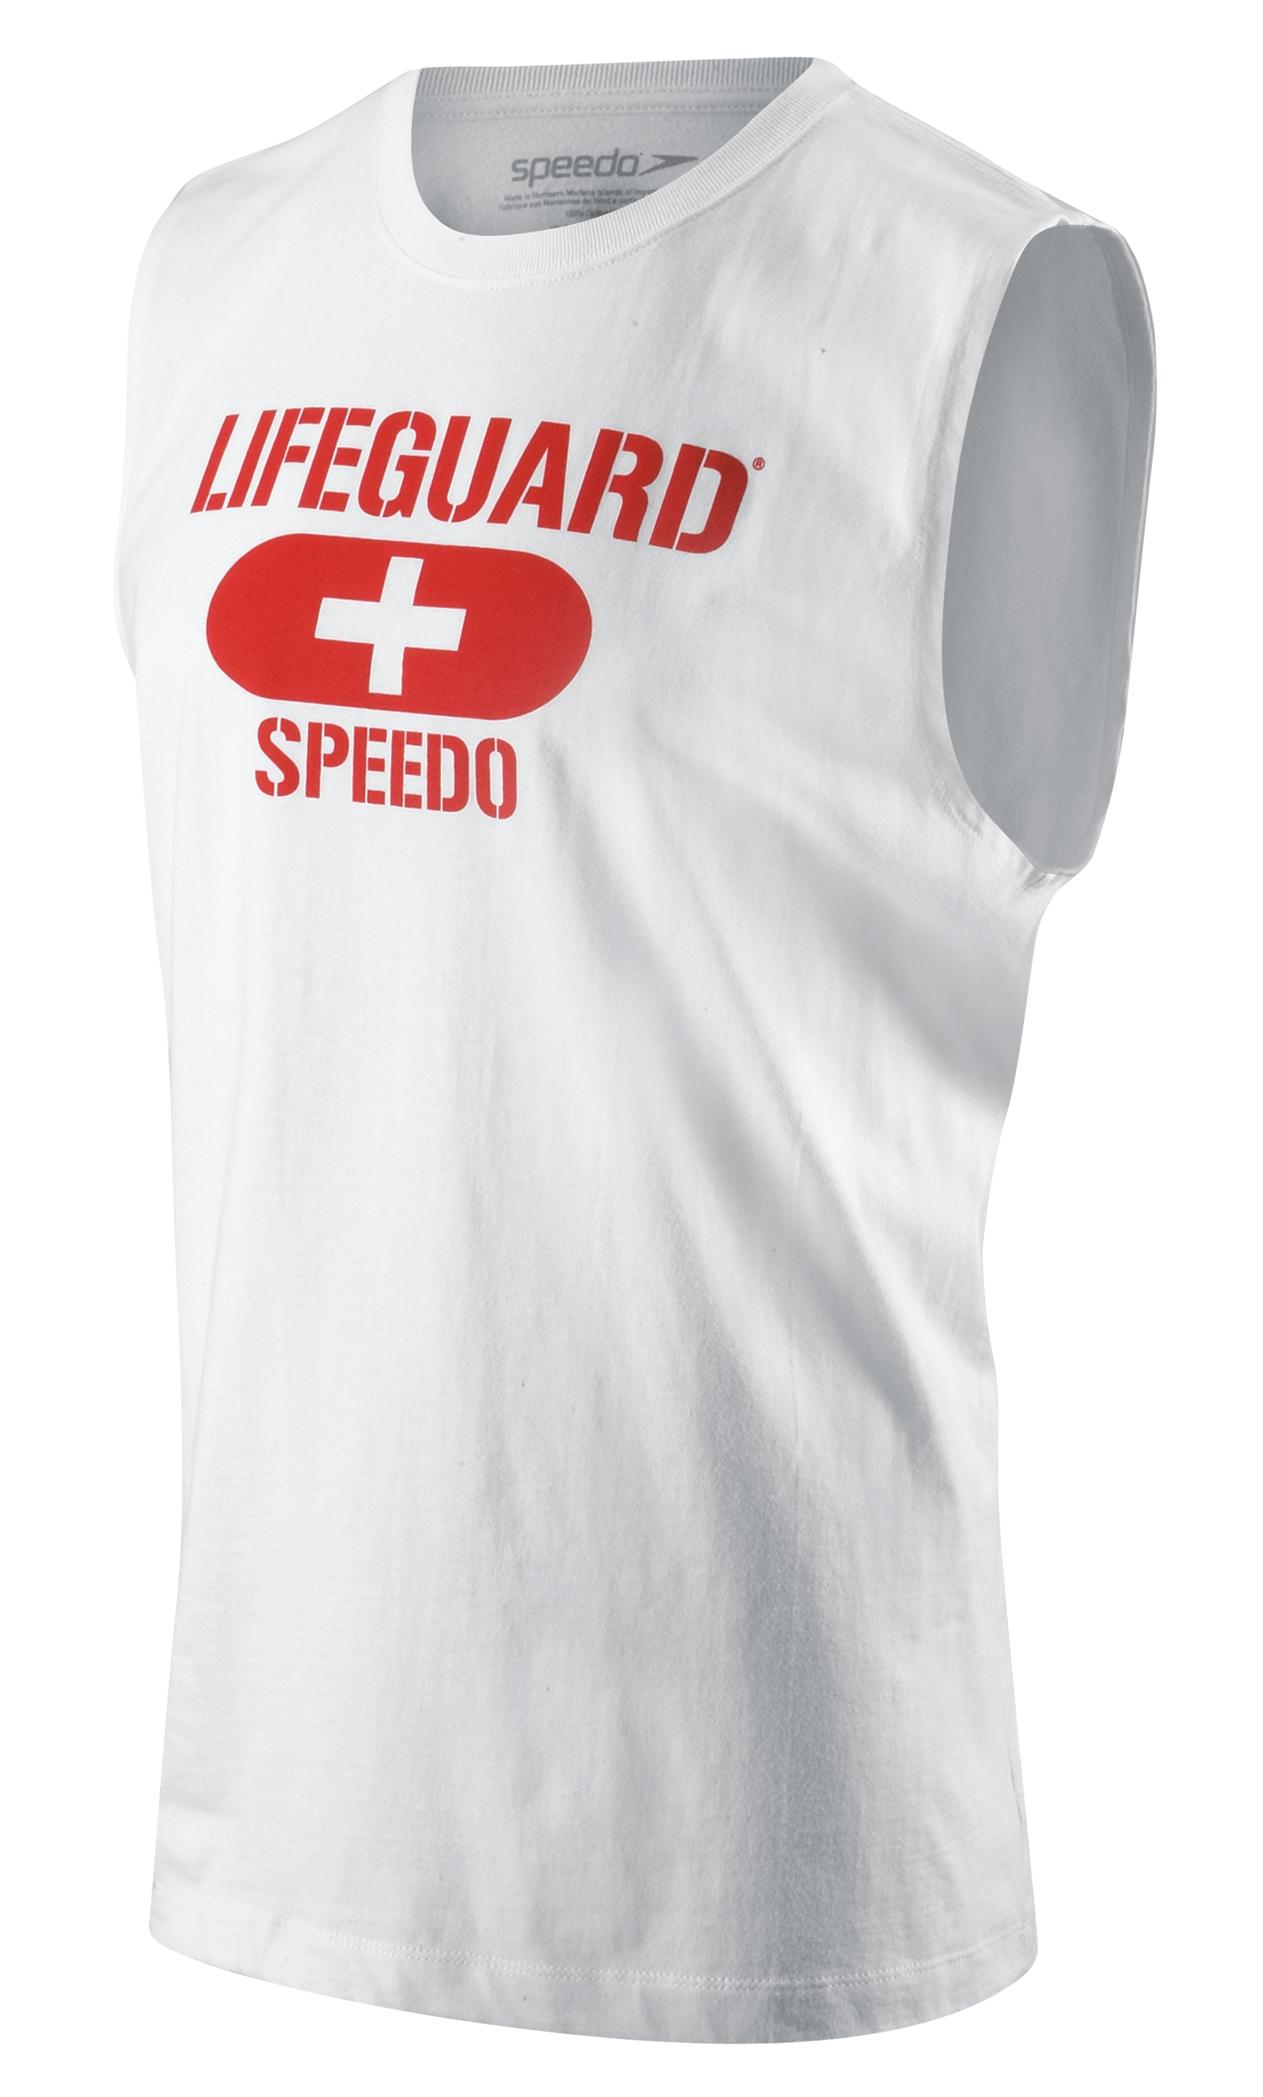 Speedo Lifeguard Sleeveless Tee